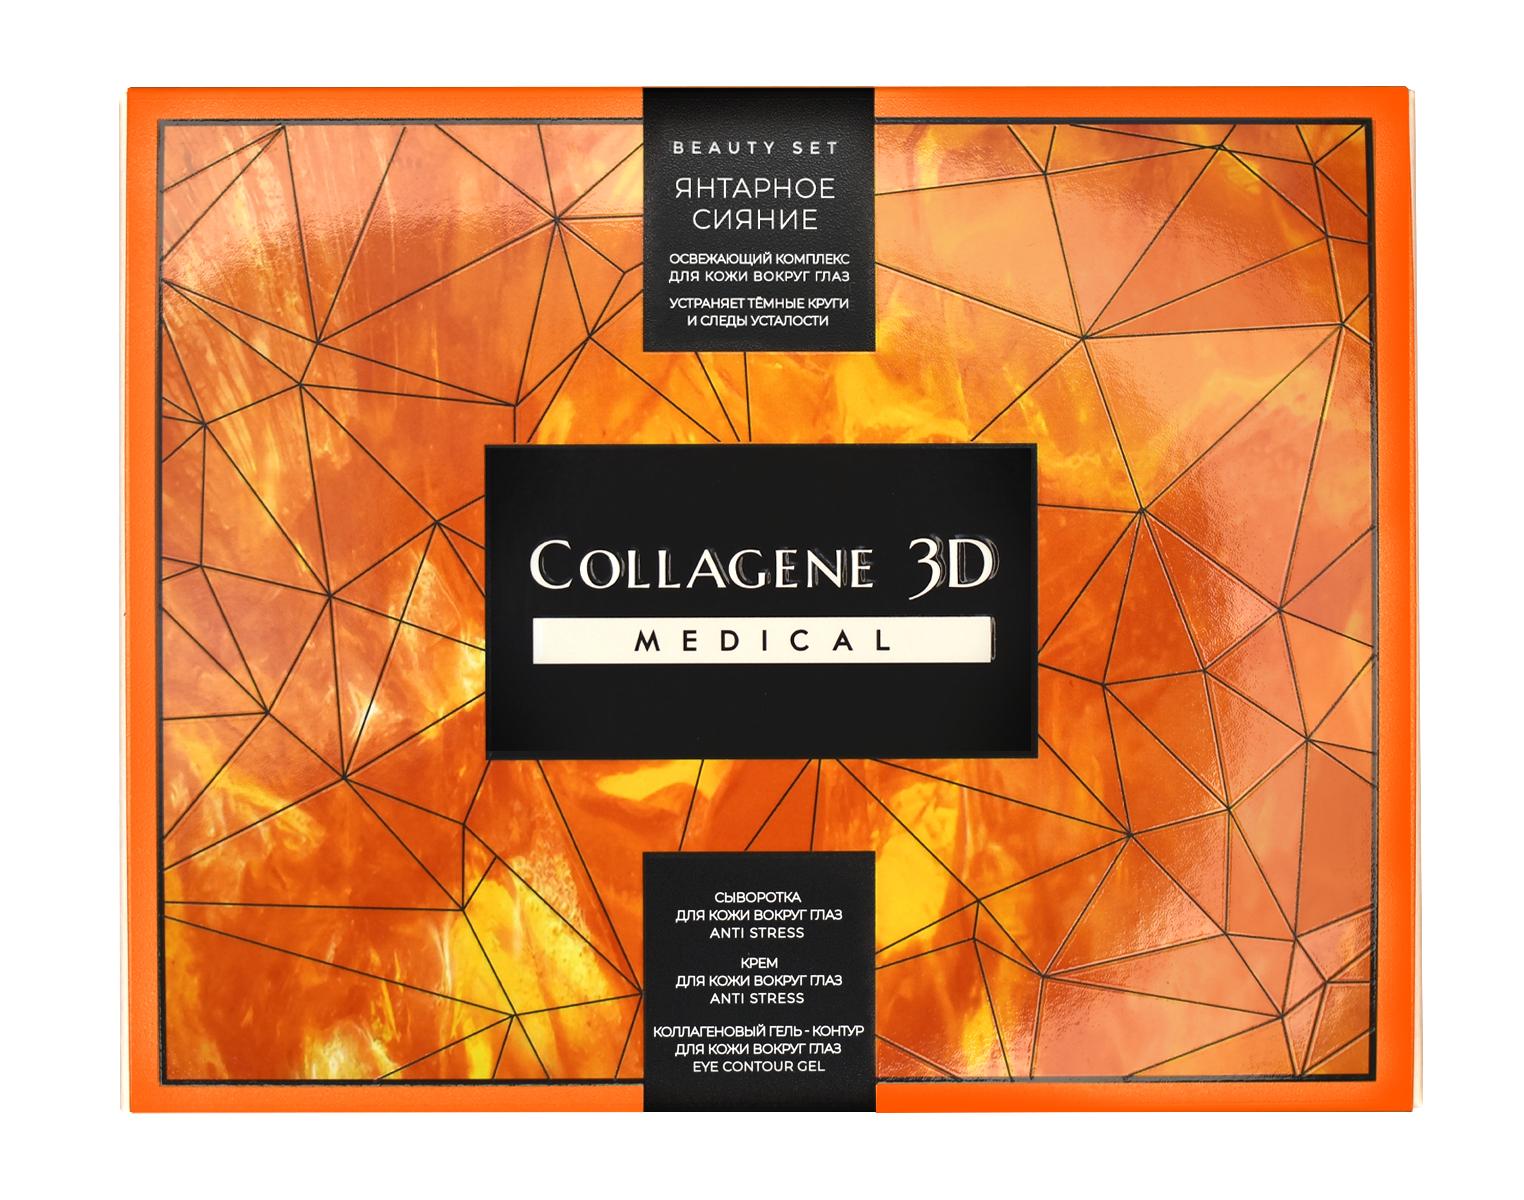 Collagene 3D Набор подарочный Янтарное Сияние для кожи вокруг глаз (Collagene 3D, Anti Stress) сыворотка sibirbotaniq интенсивный anti age пептидная для области вокруг глаз 10 мл